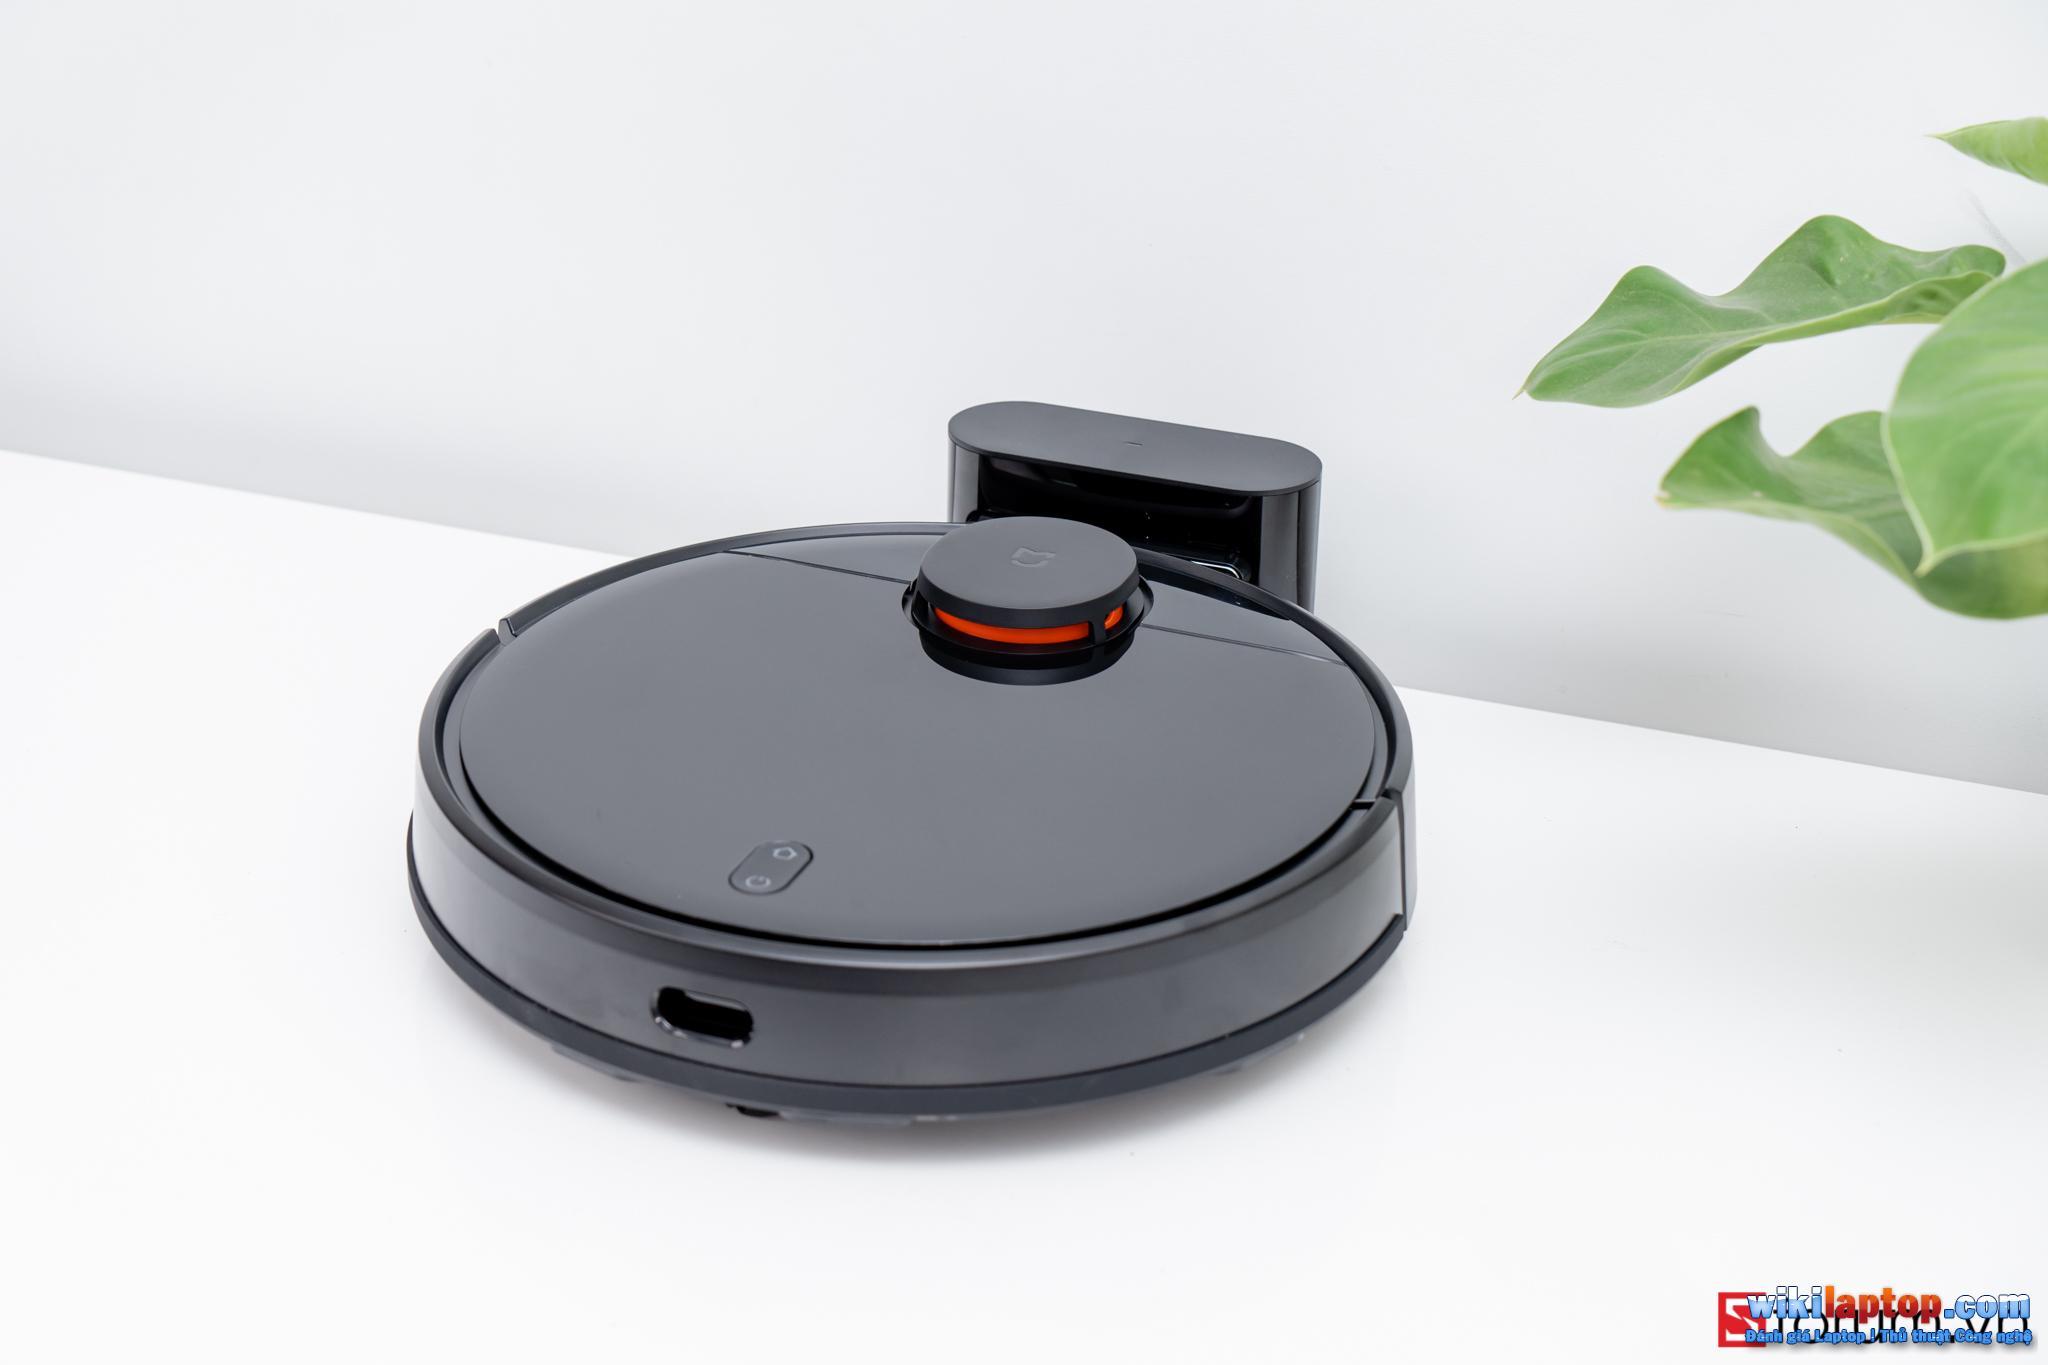 Sforum - Trang thông tin công nghệ mới nhất Mi-Robot-Máy hút bụi Mop-P-22 Đánh giá Mi Robot Máy hút bụi P: Làm sạch, hút thông minh và nhiều tính năng